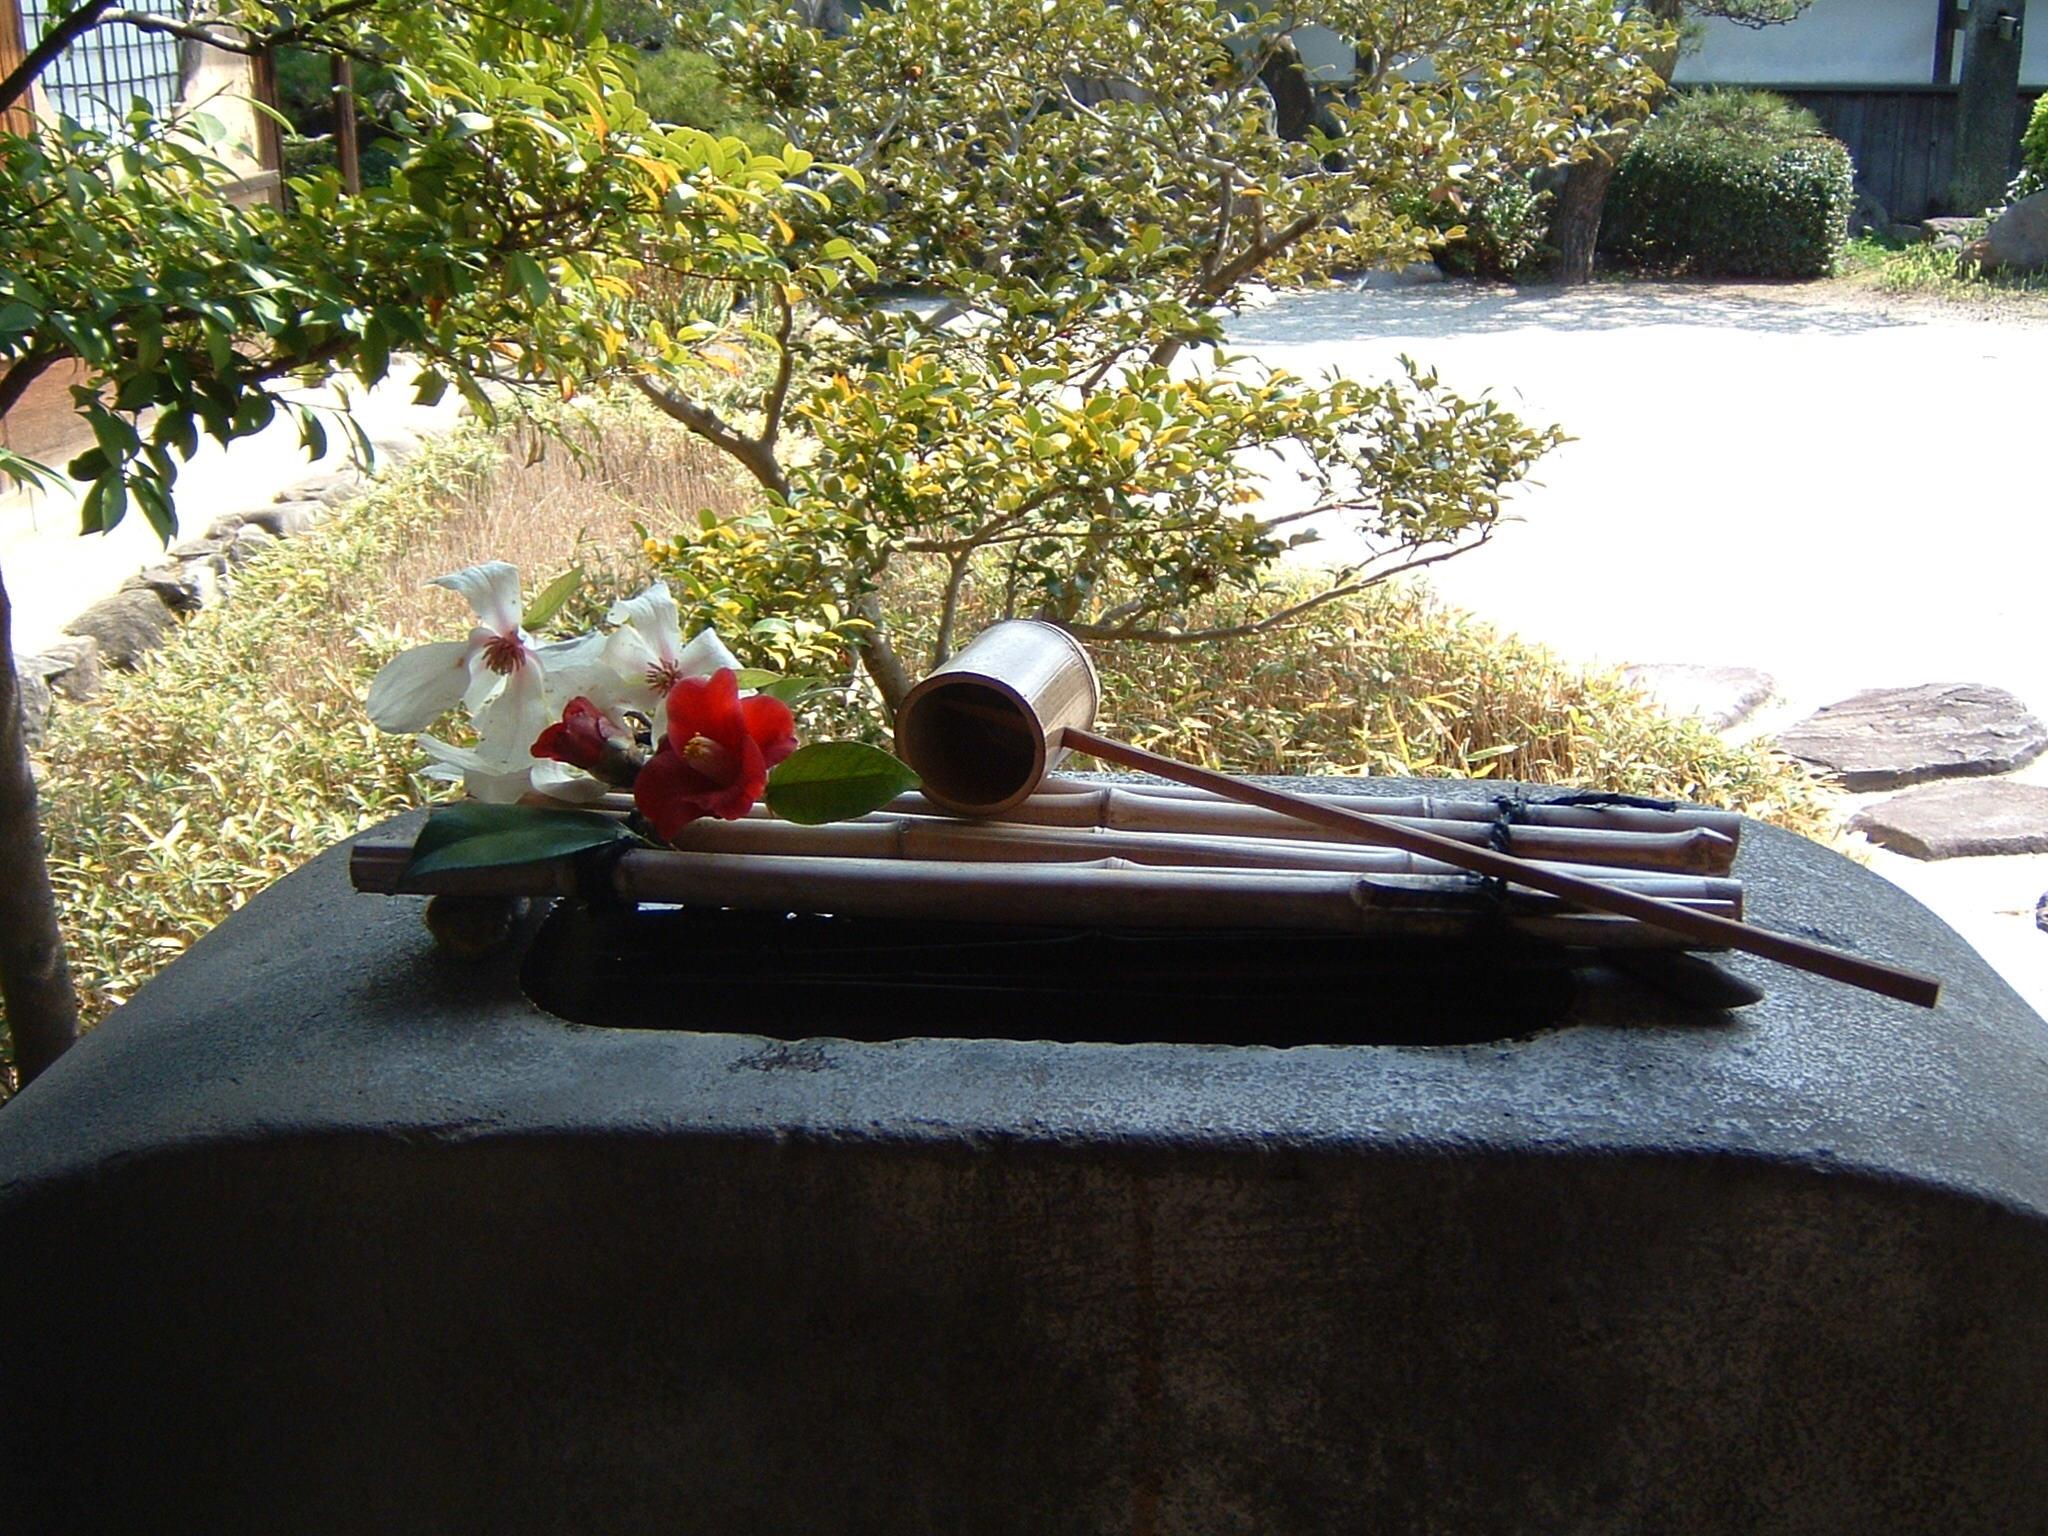 Ob Karlchen schon in Japan ist? | story.one